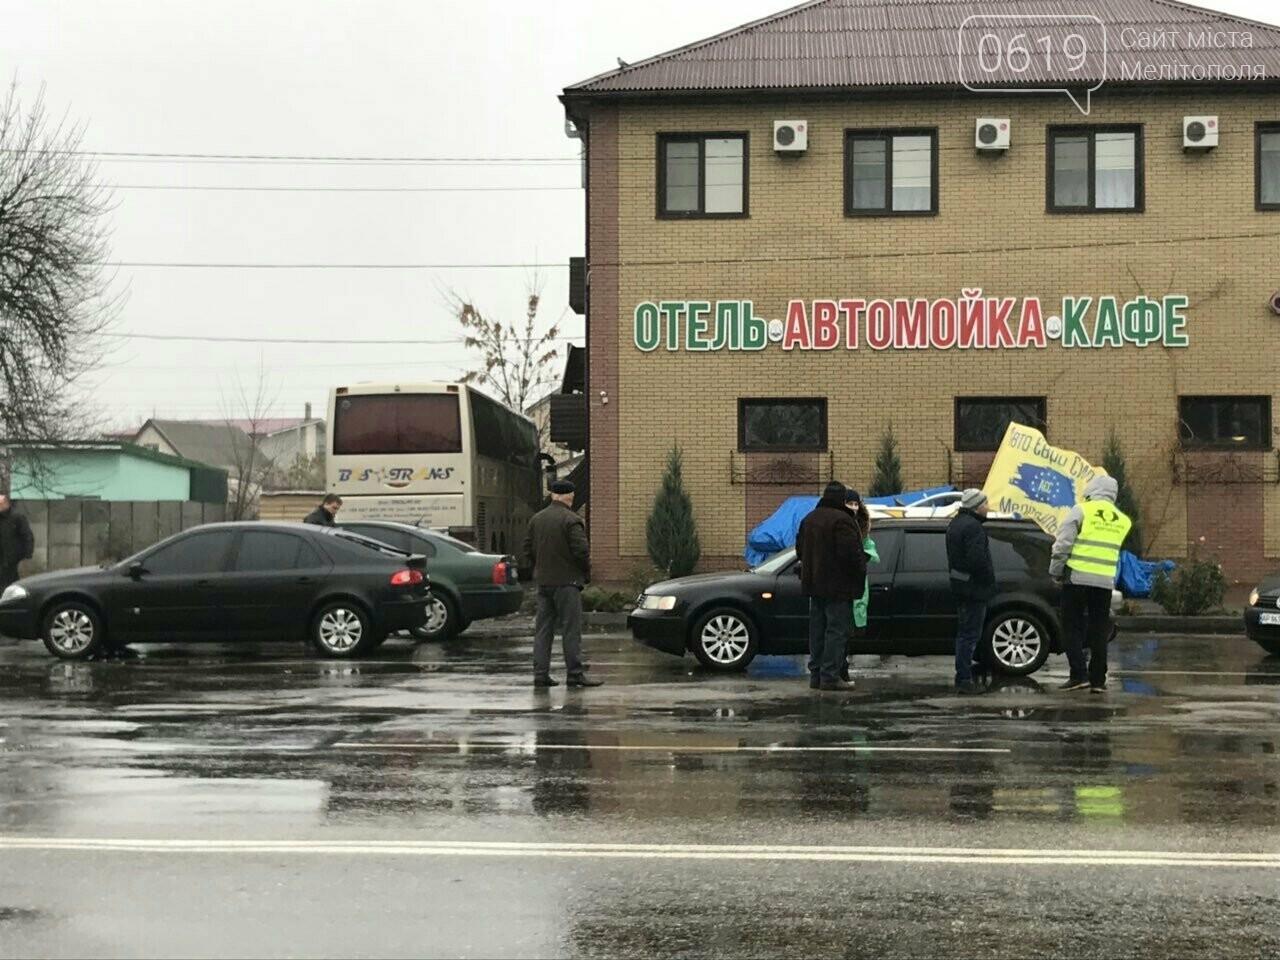 """Активисты """"Авто Евро Силы"""" заблокировали въезд в Мелитополь, фото-8"""